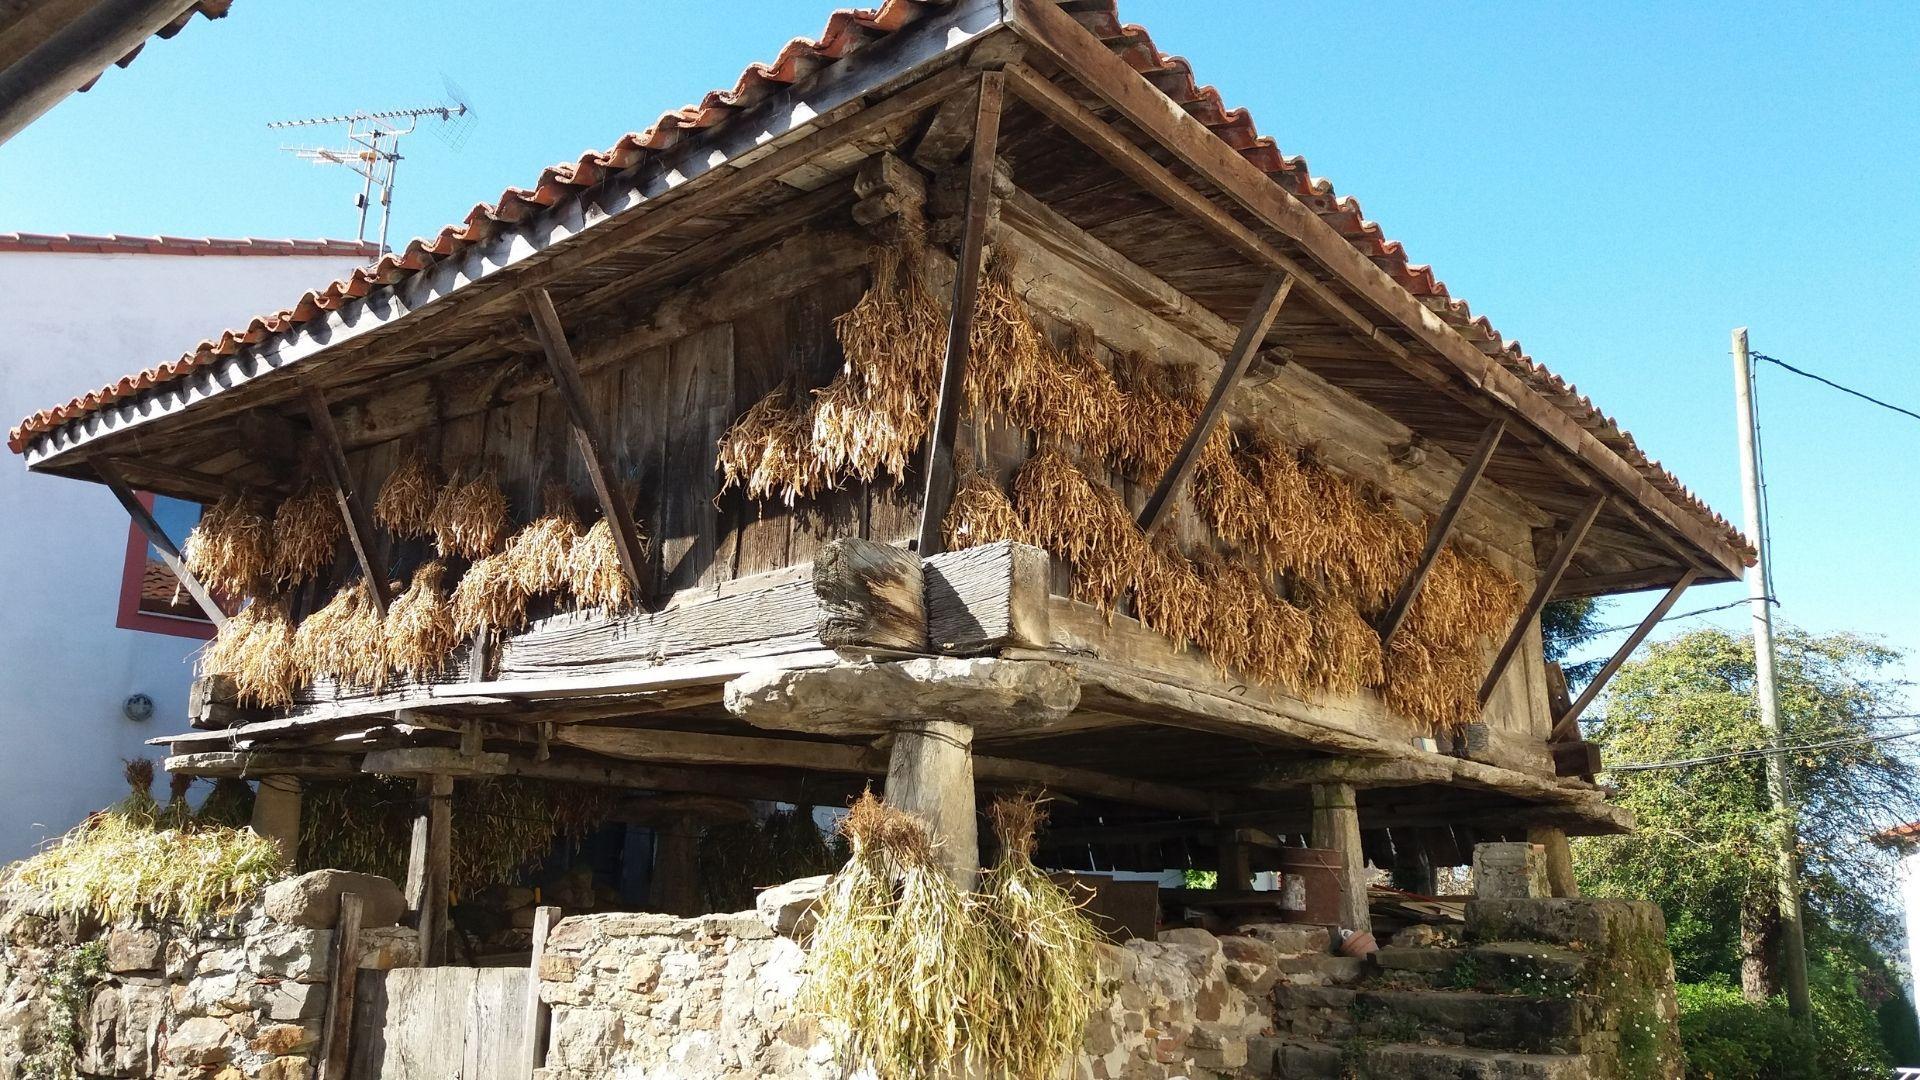 Panera construida alrededor de 1700 en Carrandi